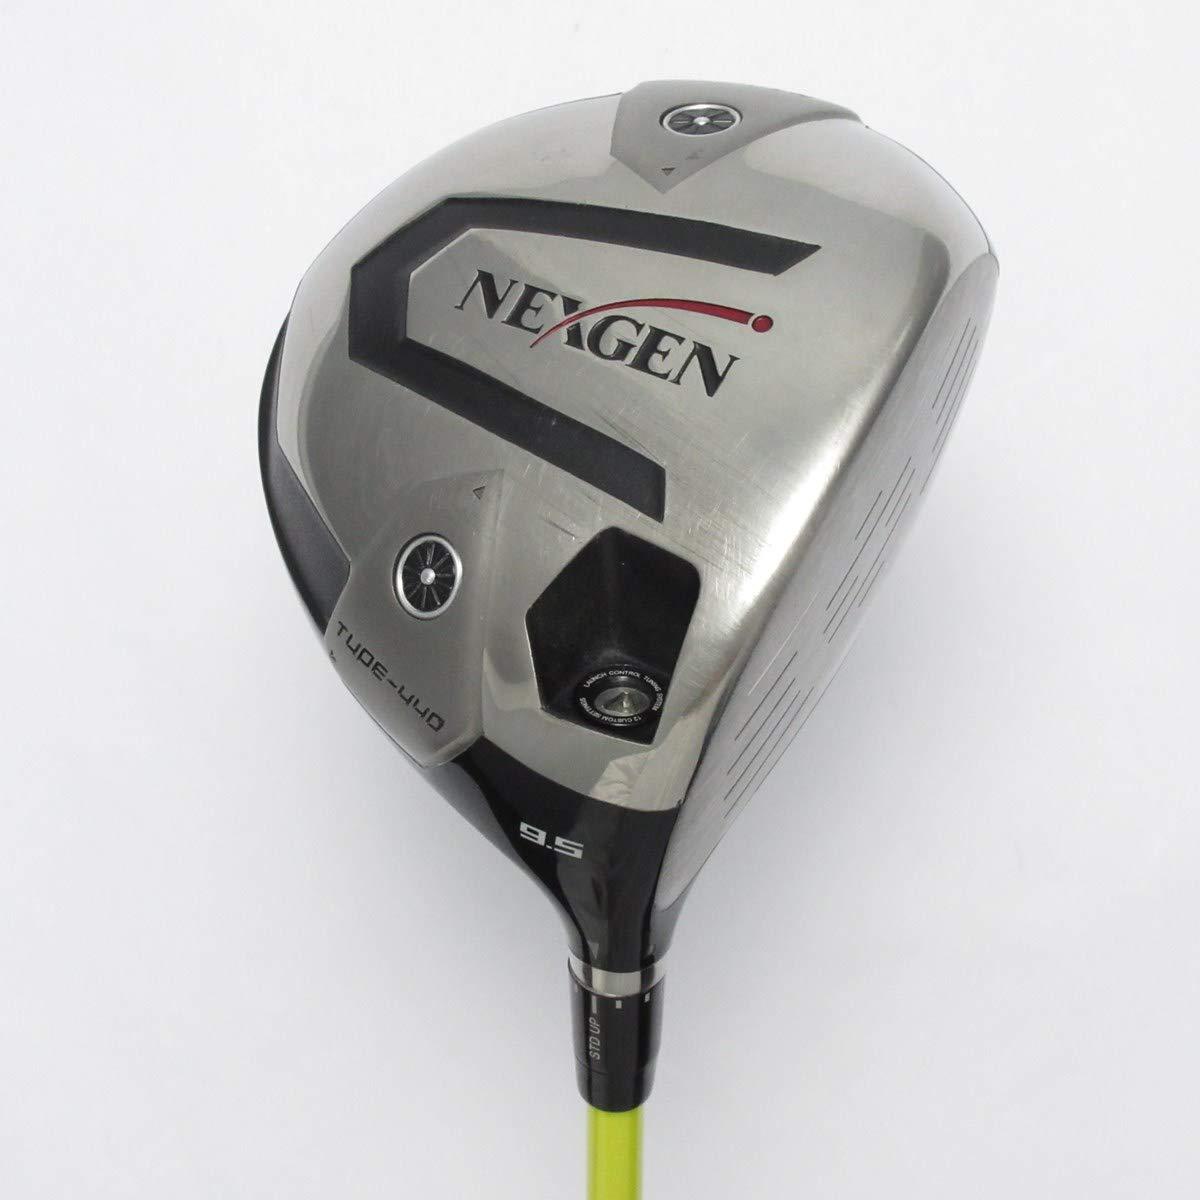 【中古】ゴルフパートナー Golf Partner 5G NEXGEN TYPE-440 ドライバー Tour AD MT-6 B07MZX21Z5  S